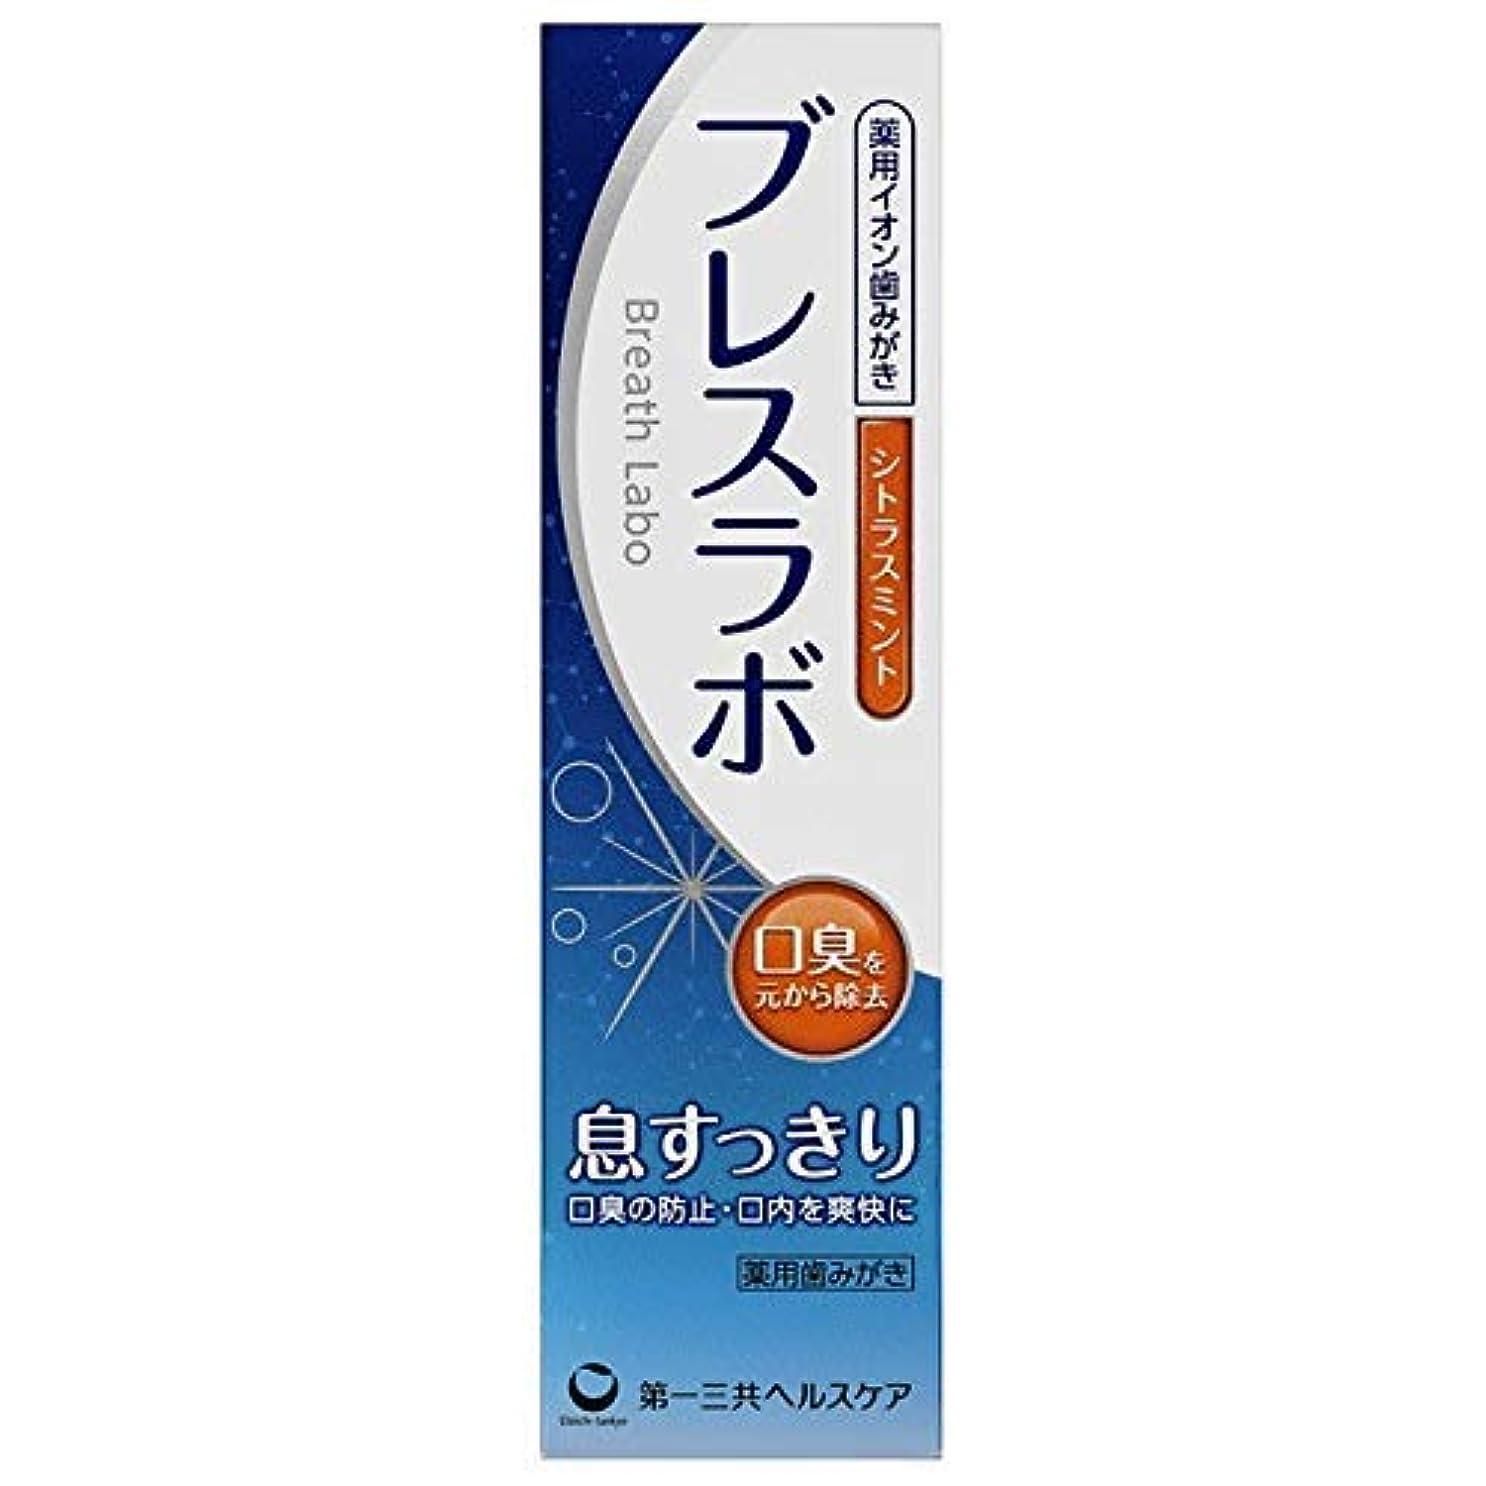 変色するパドル大【4個セット】ブレスラボ シトラスミント 90g